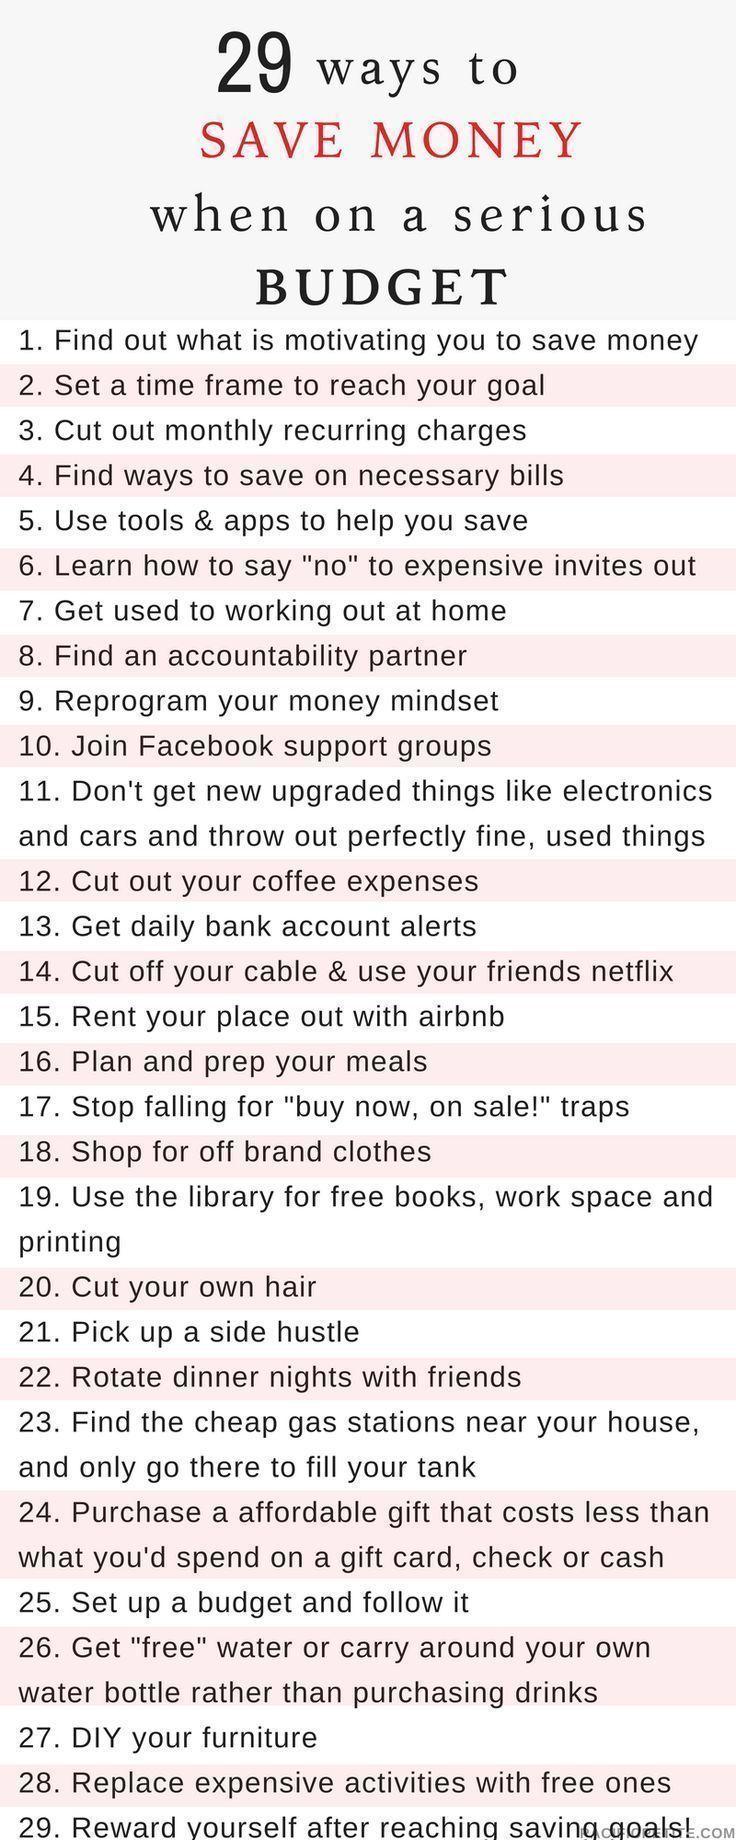 29 Möglichkeiten, um Geld zu sparen, wenn Sie ein ernstes Budget haben